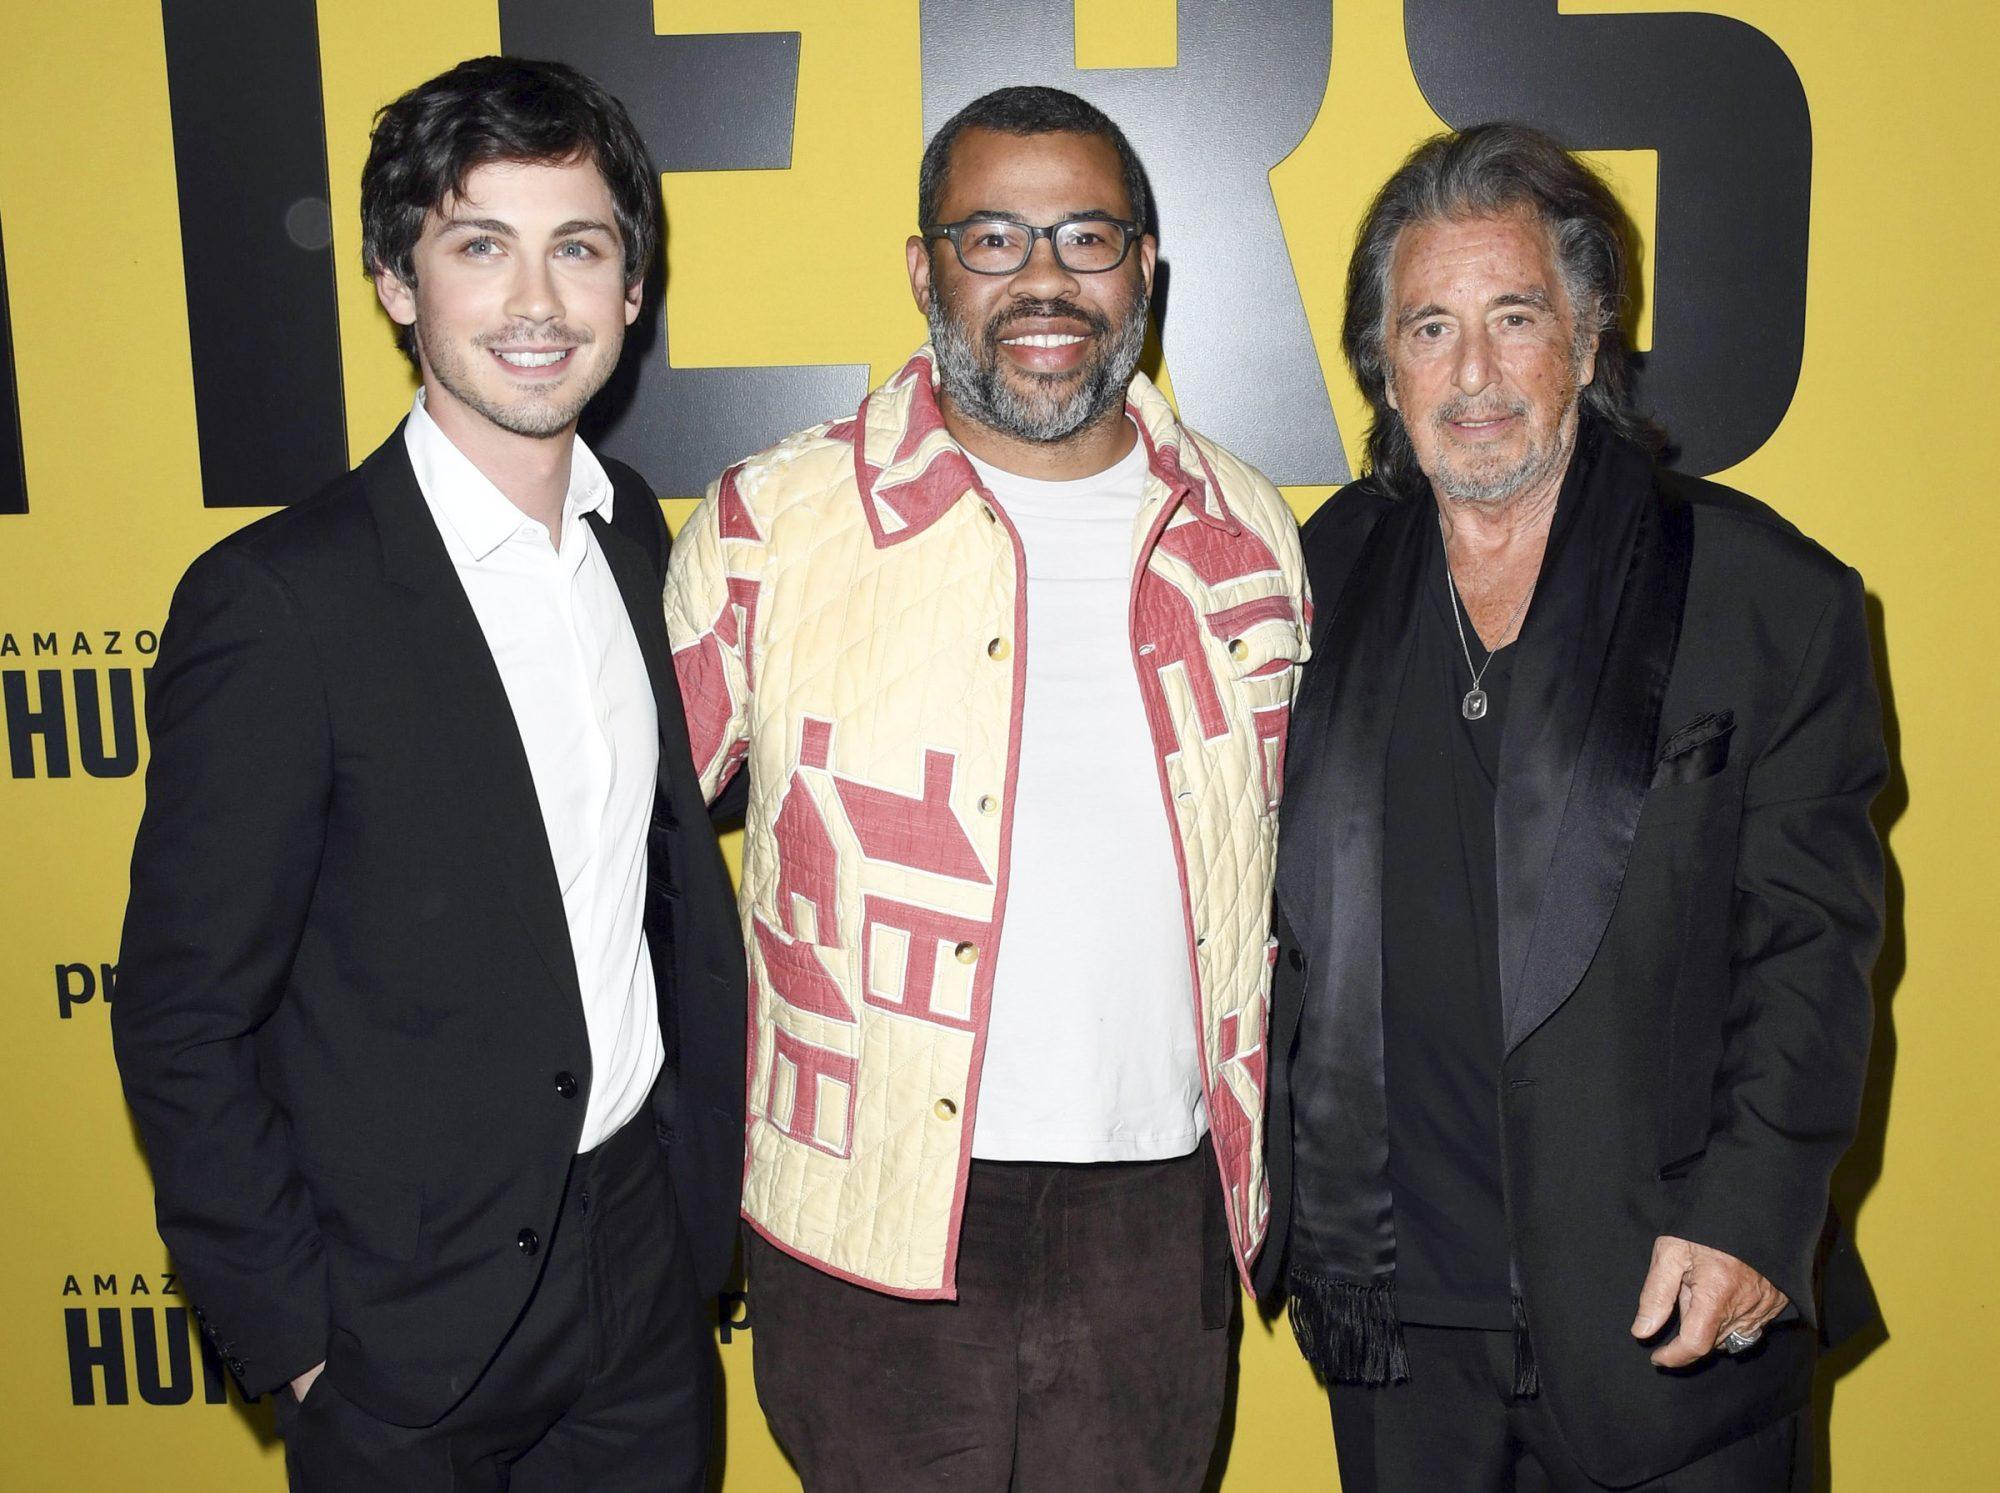 Logan Lerman, Jordan Peele, and Al Pacino